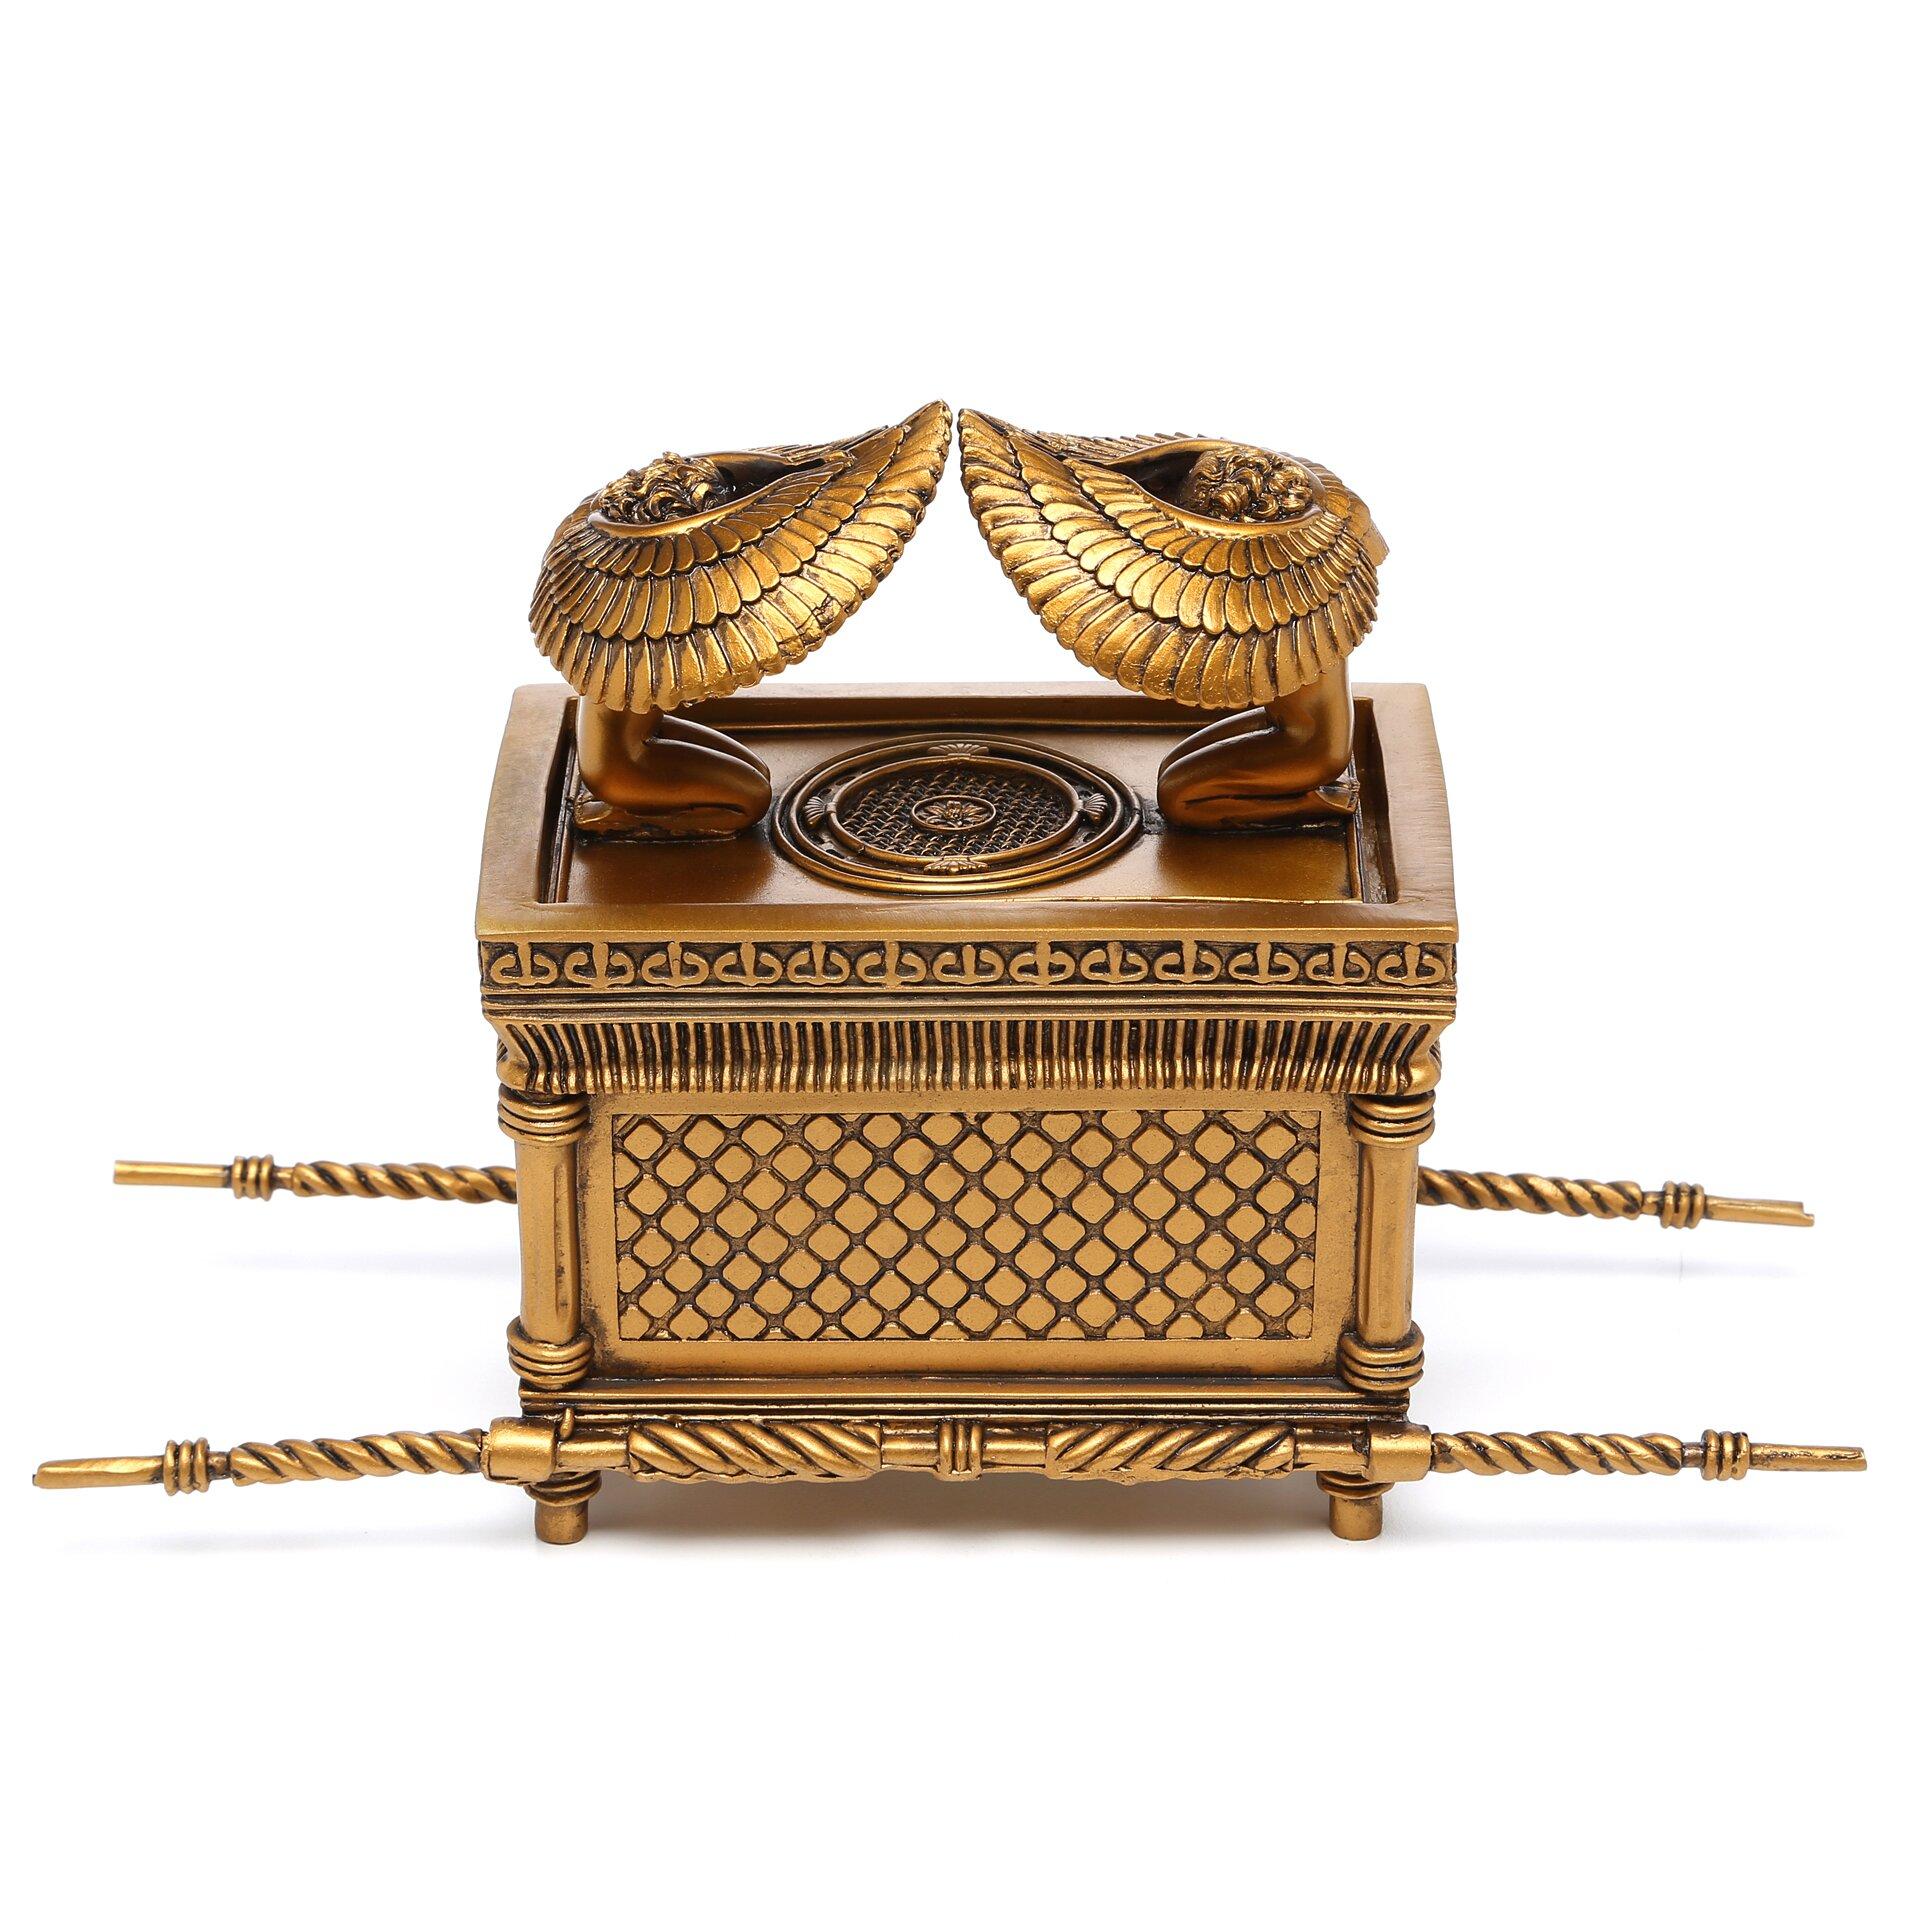 ark of the covenant decorative box - Decorative Box